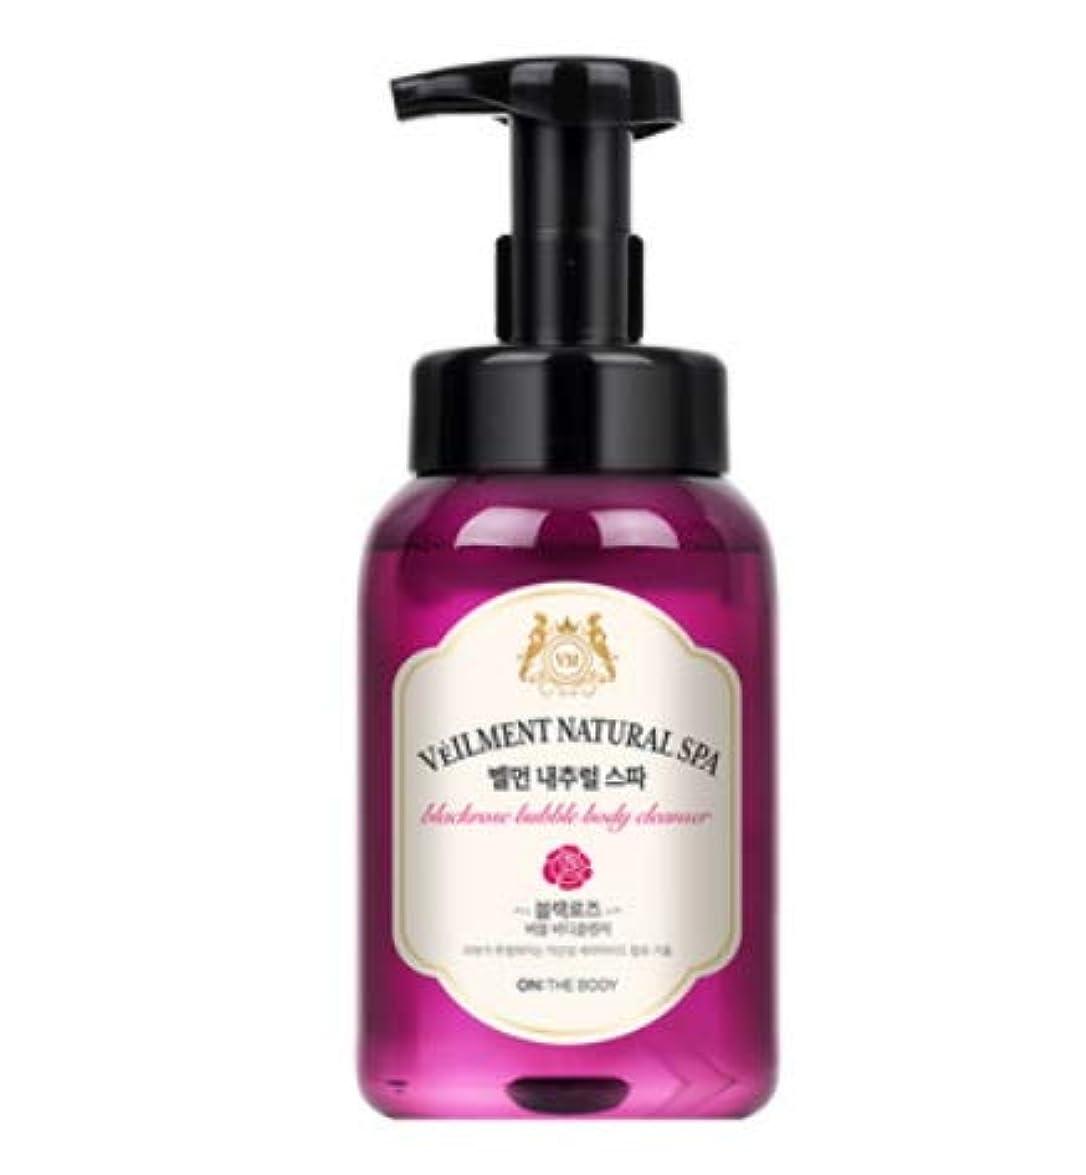 署名しがみつくスプーン[LG HnB] On the Body Belman Natural Spa Bubble Body Cleanser/オンザボディベルモンナチュラルスパバブルボディクレンザー 500ml x2個(海外直送品)